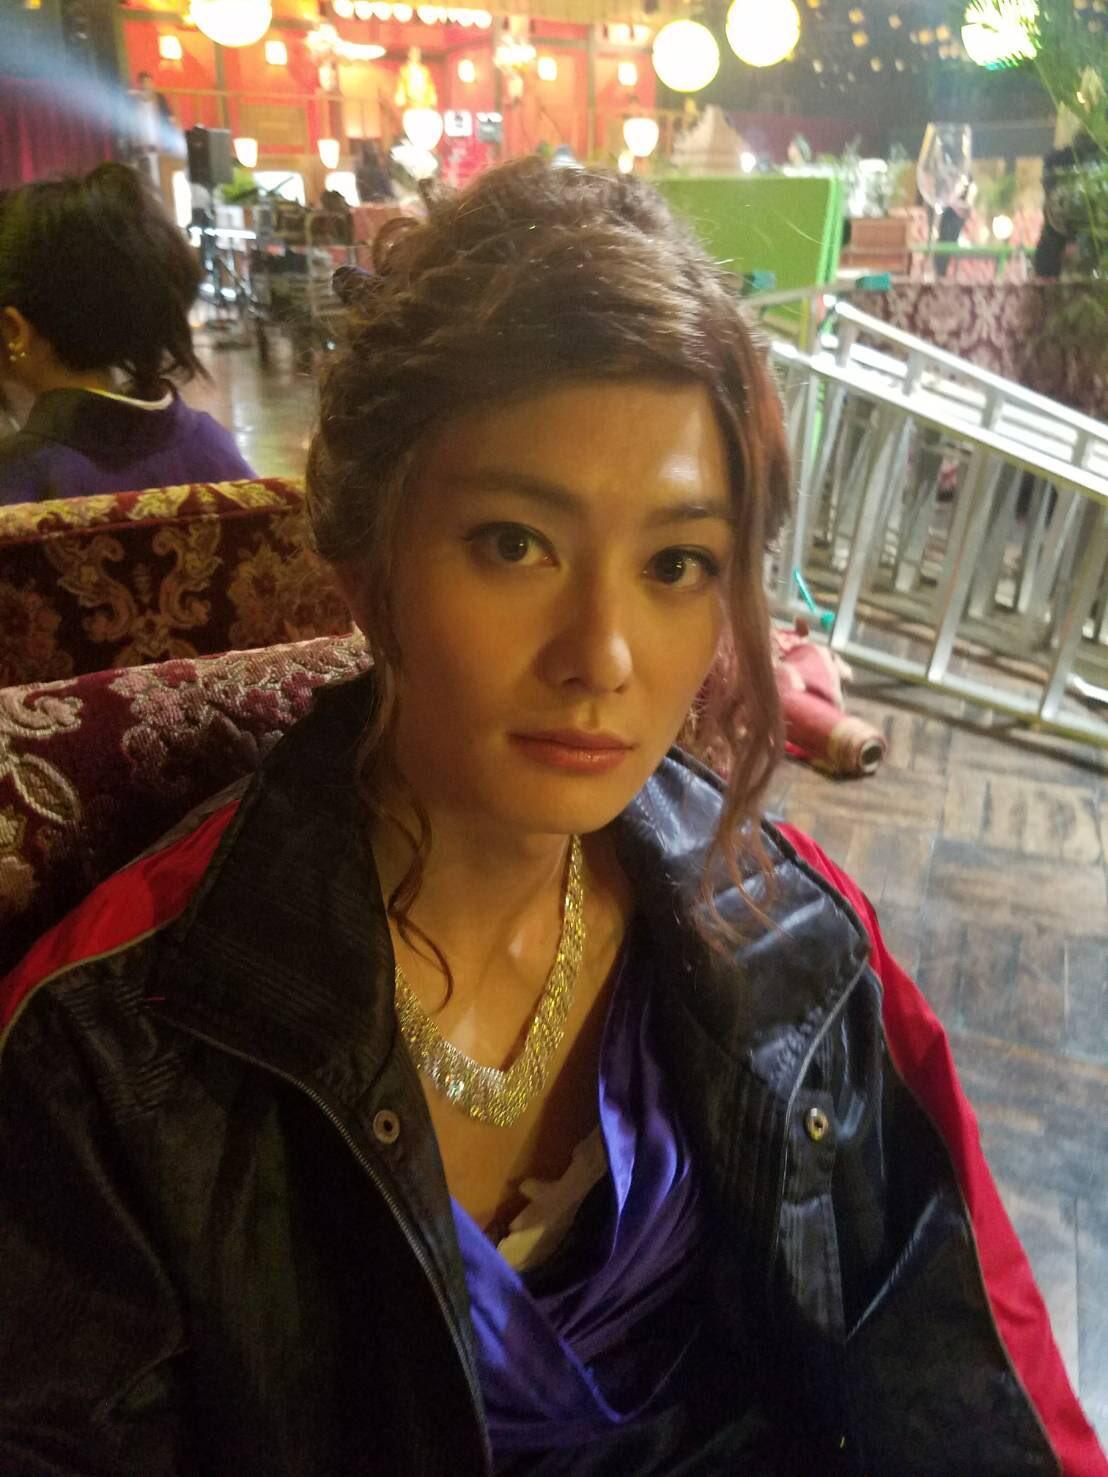 銀魂2に出演のオフショット!岡田将生がどう見たって女性にしか見えない!?